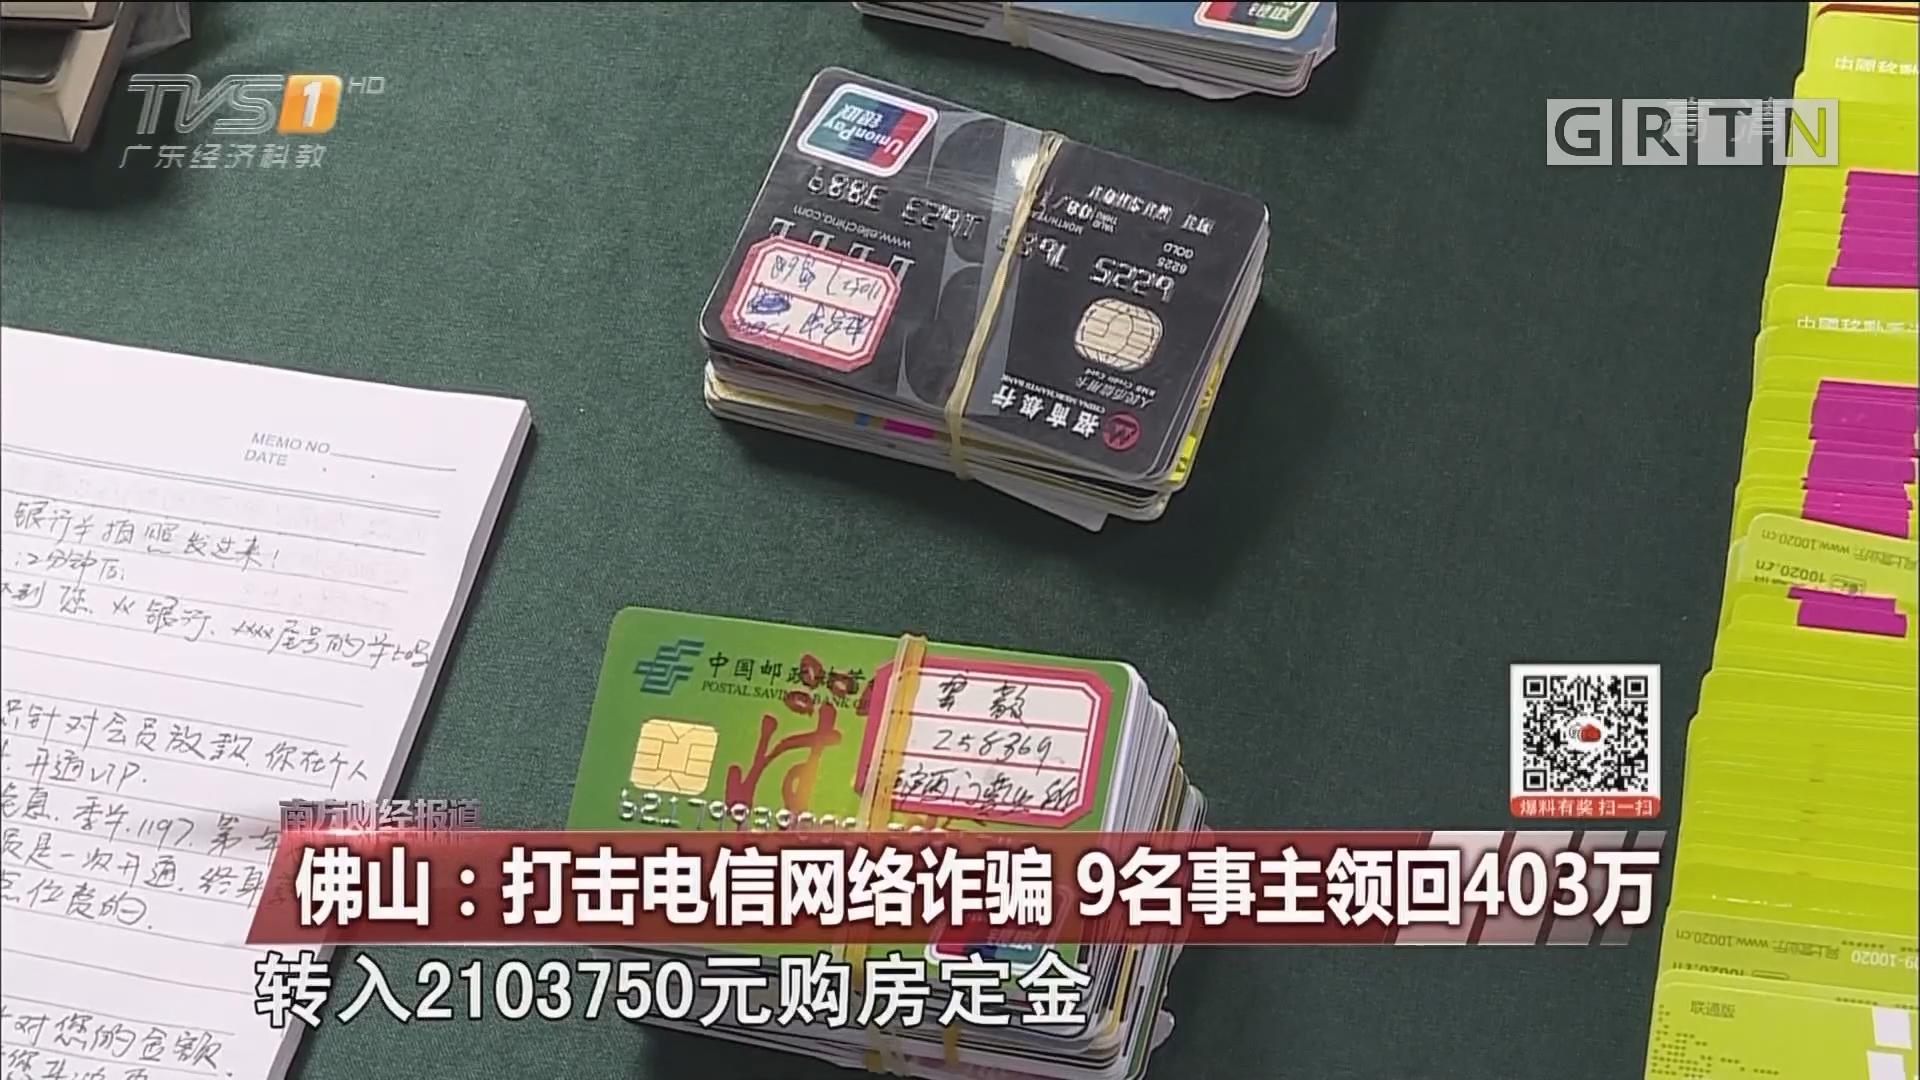 佛山:打击电信网络诈骗 9名事主领回403万